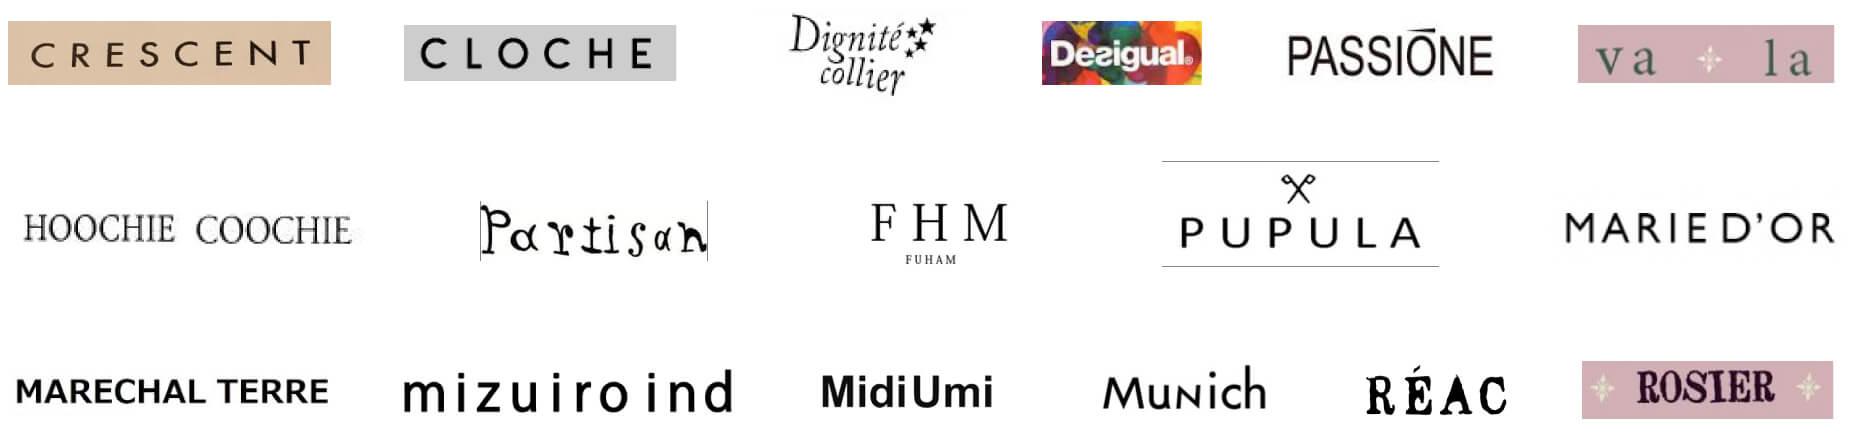 サザンクロスで取り扱うブランドは30社以上。